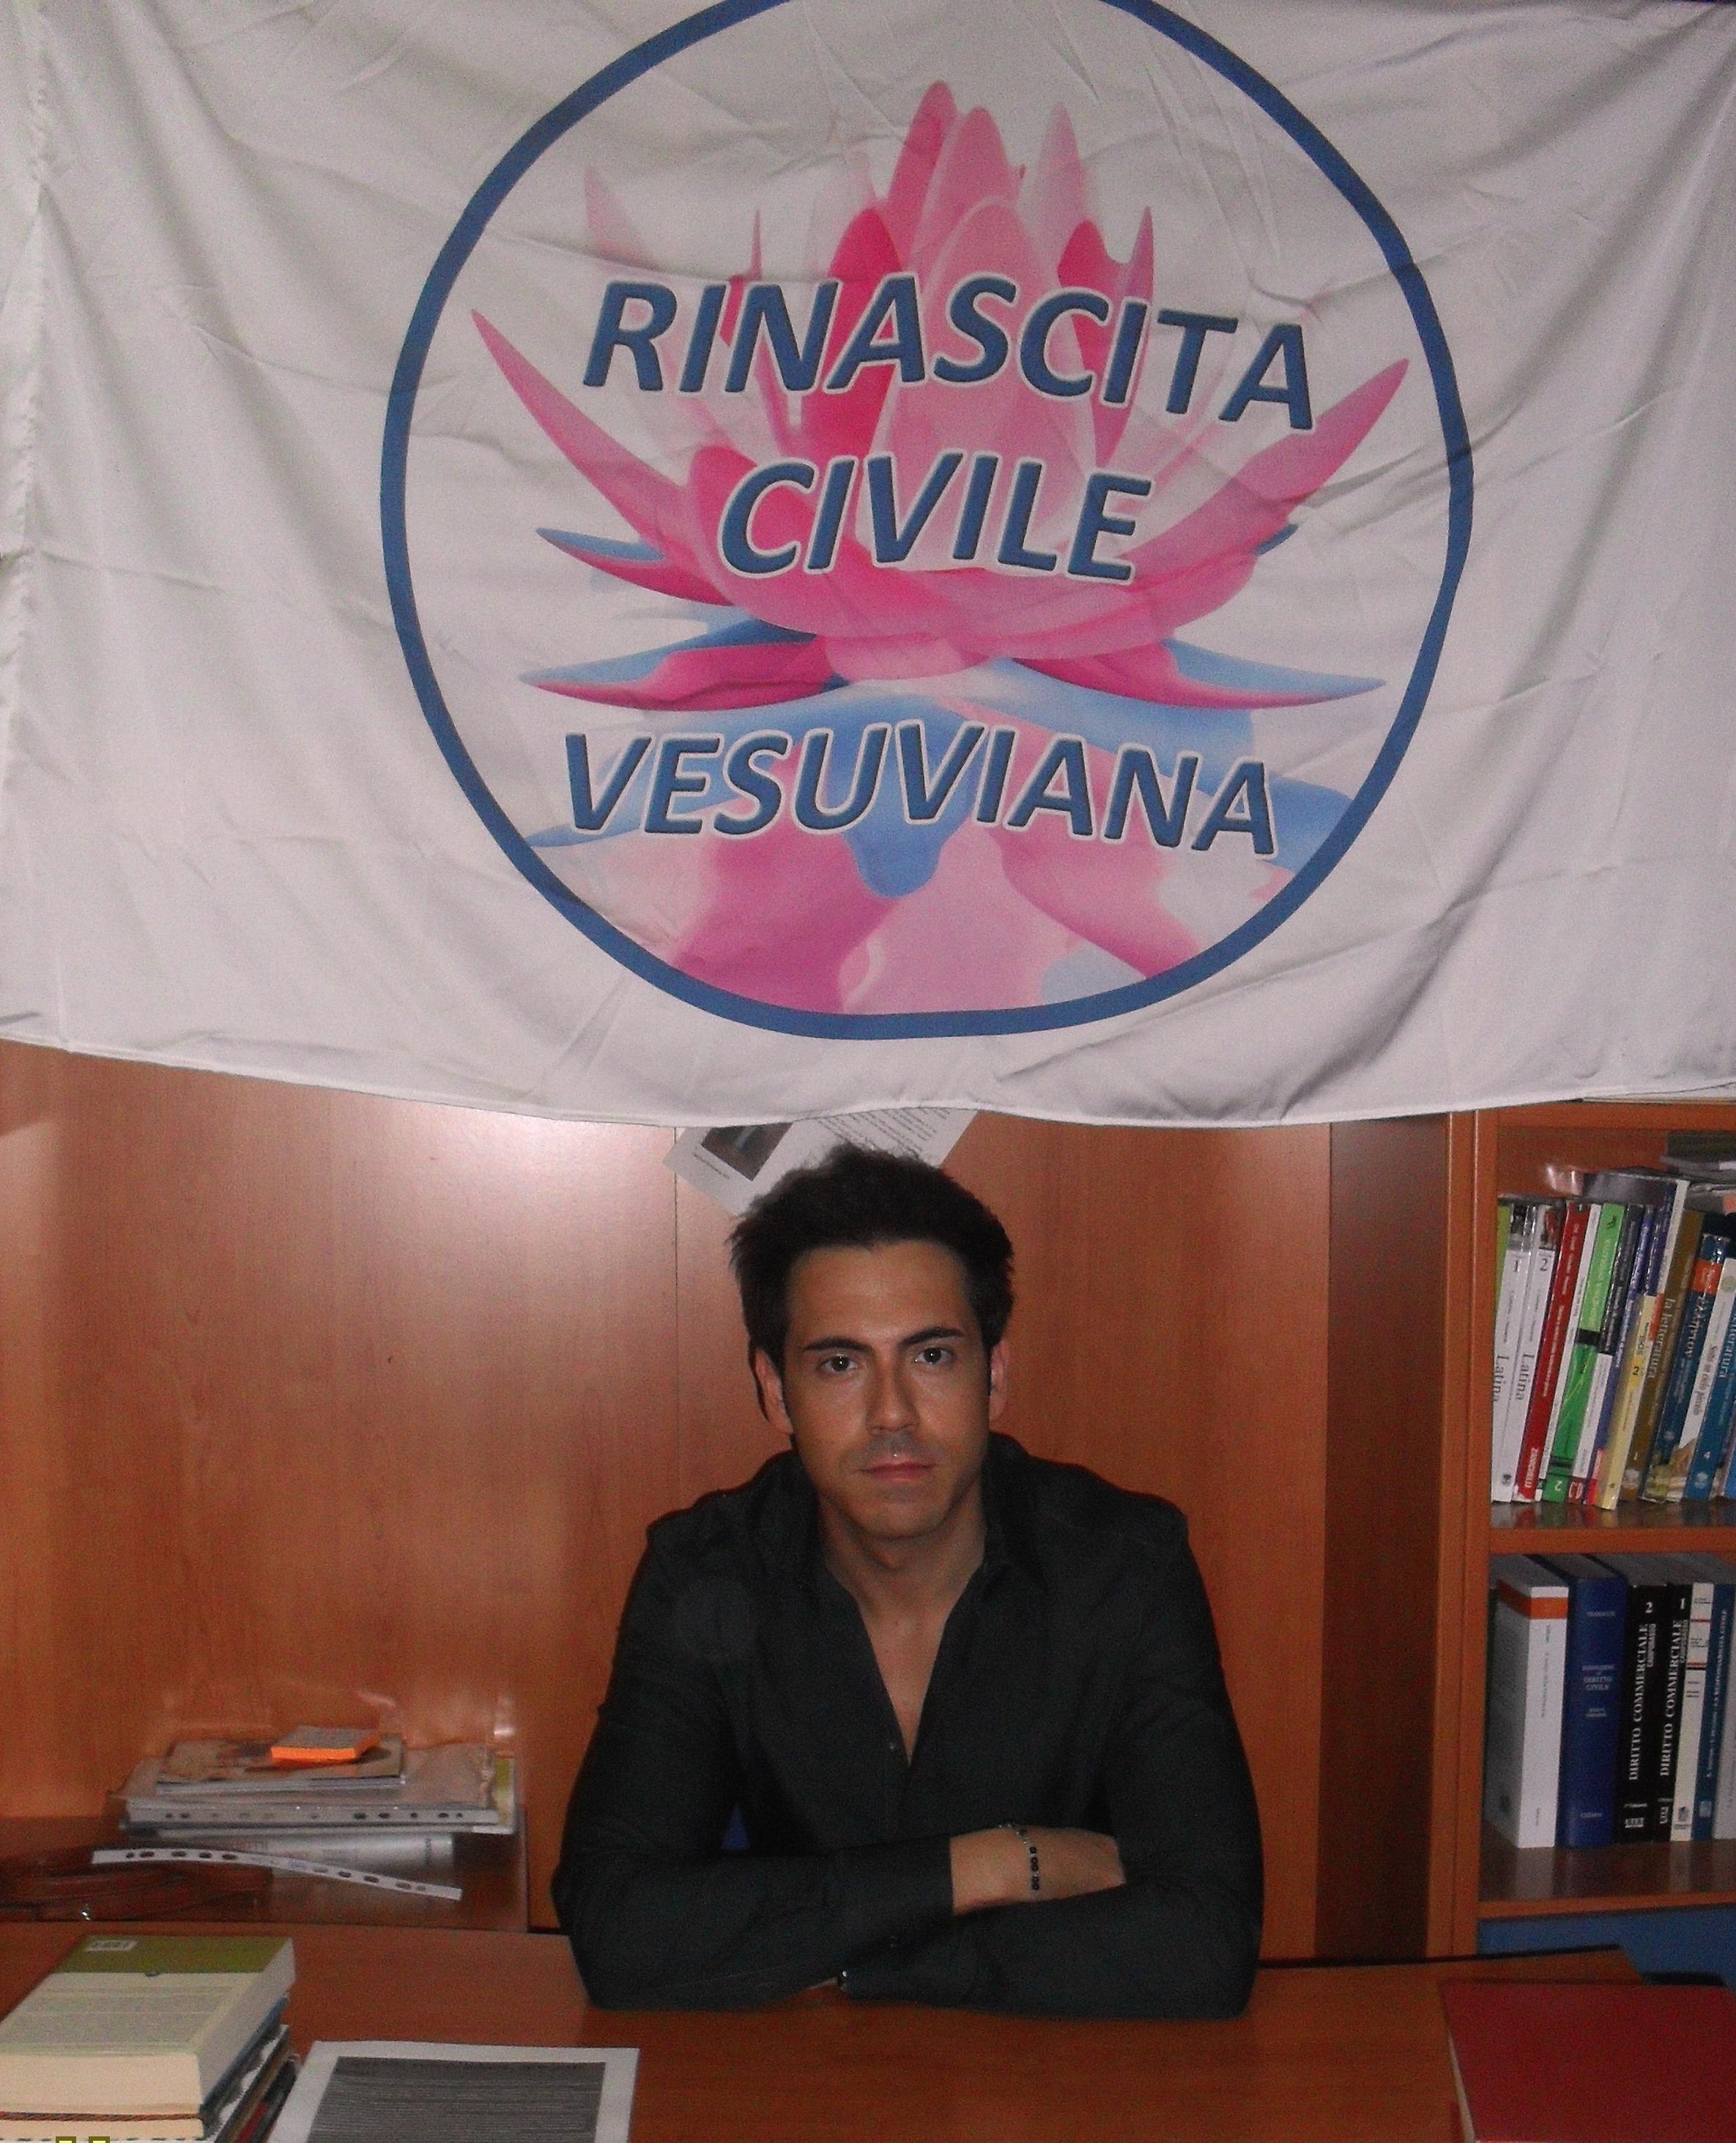 Rinascita Civile Vesuviana scende in campo a sostegno del No al prossimo referendum costituzionale del 4 Dicembre